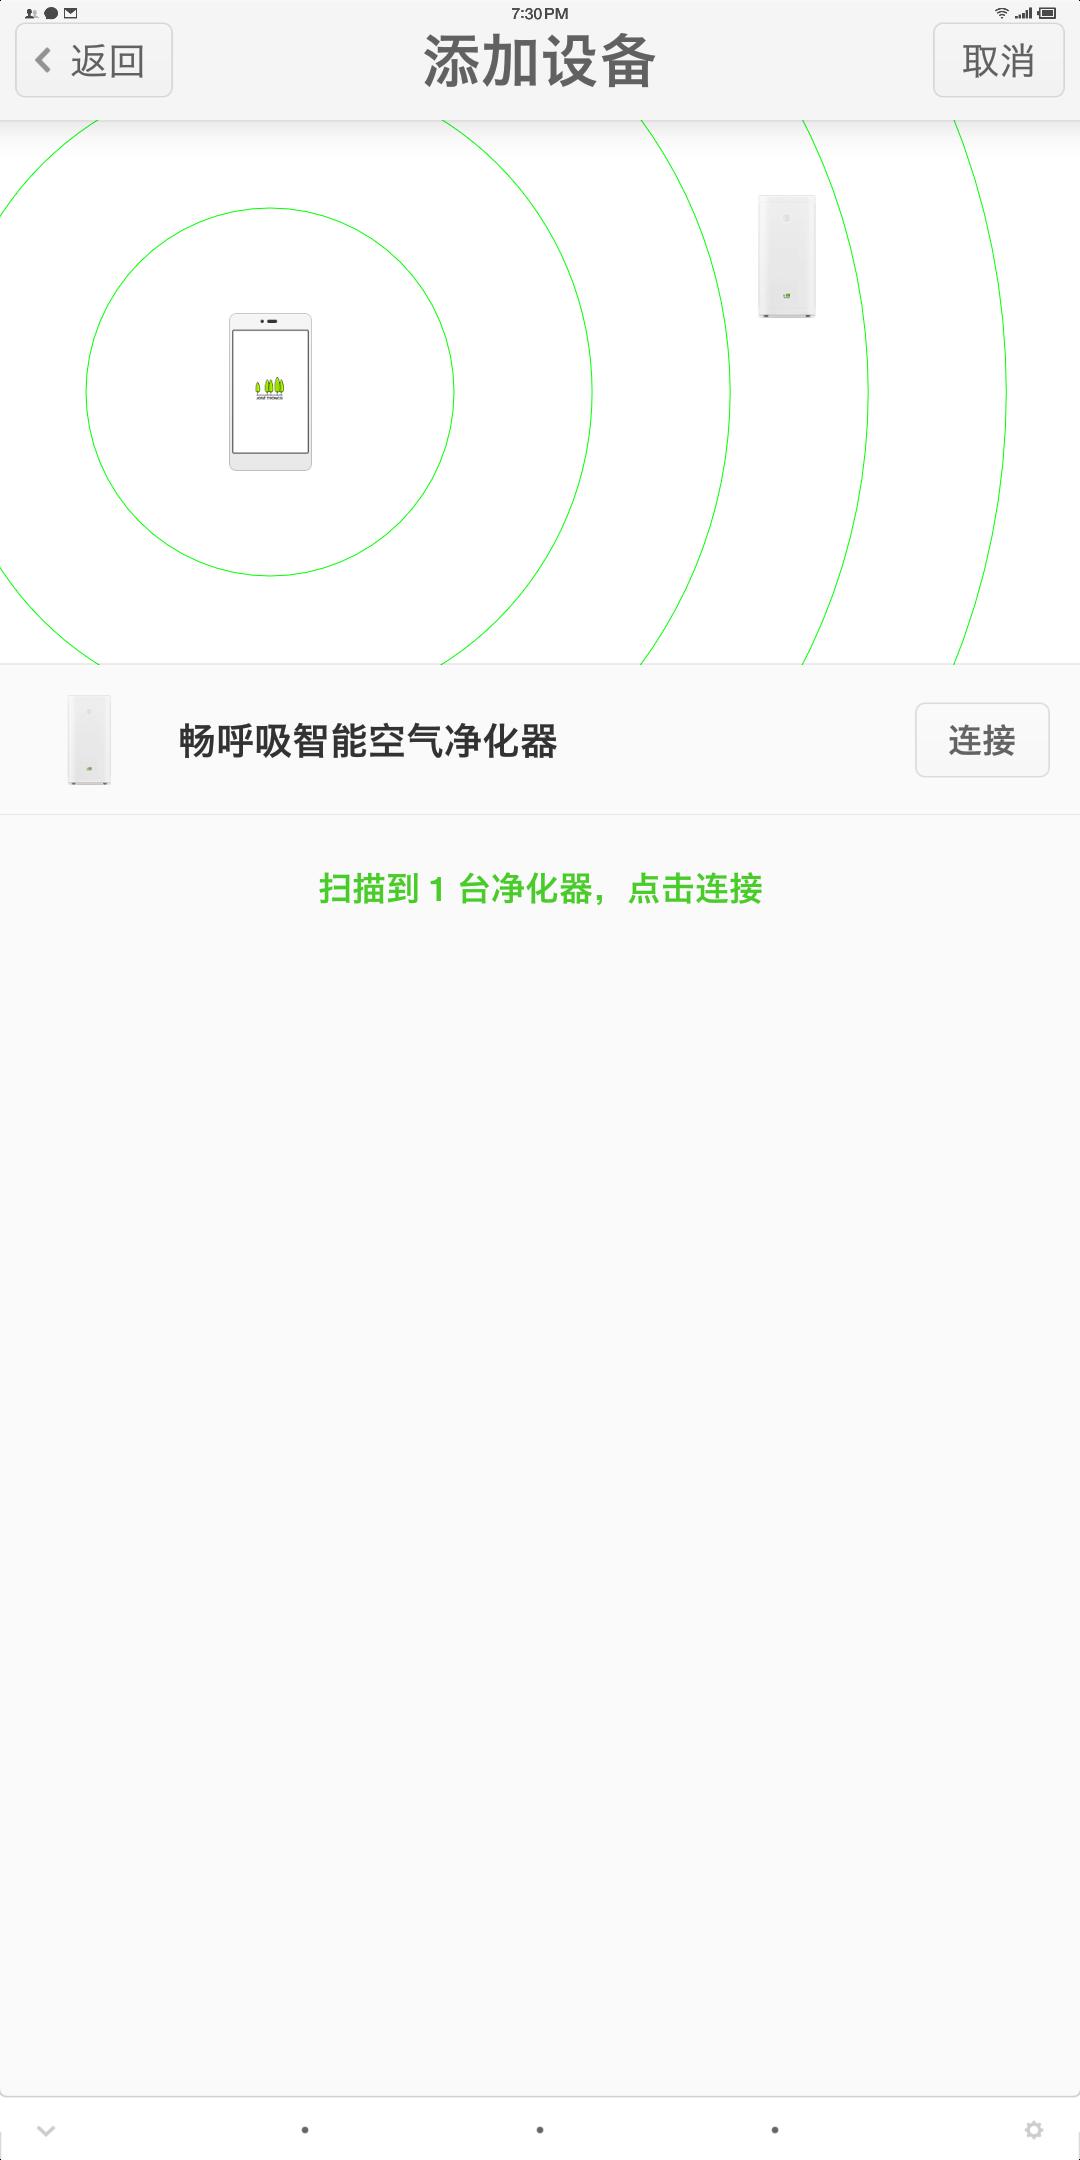 Screenshot_2017-11-08-21-18-04-484_畅呼吸.png